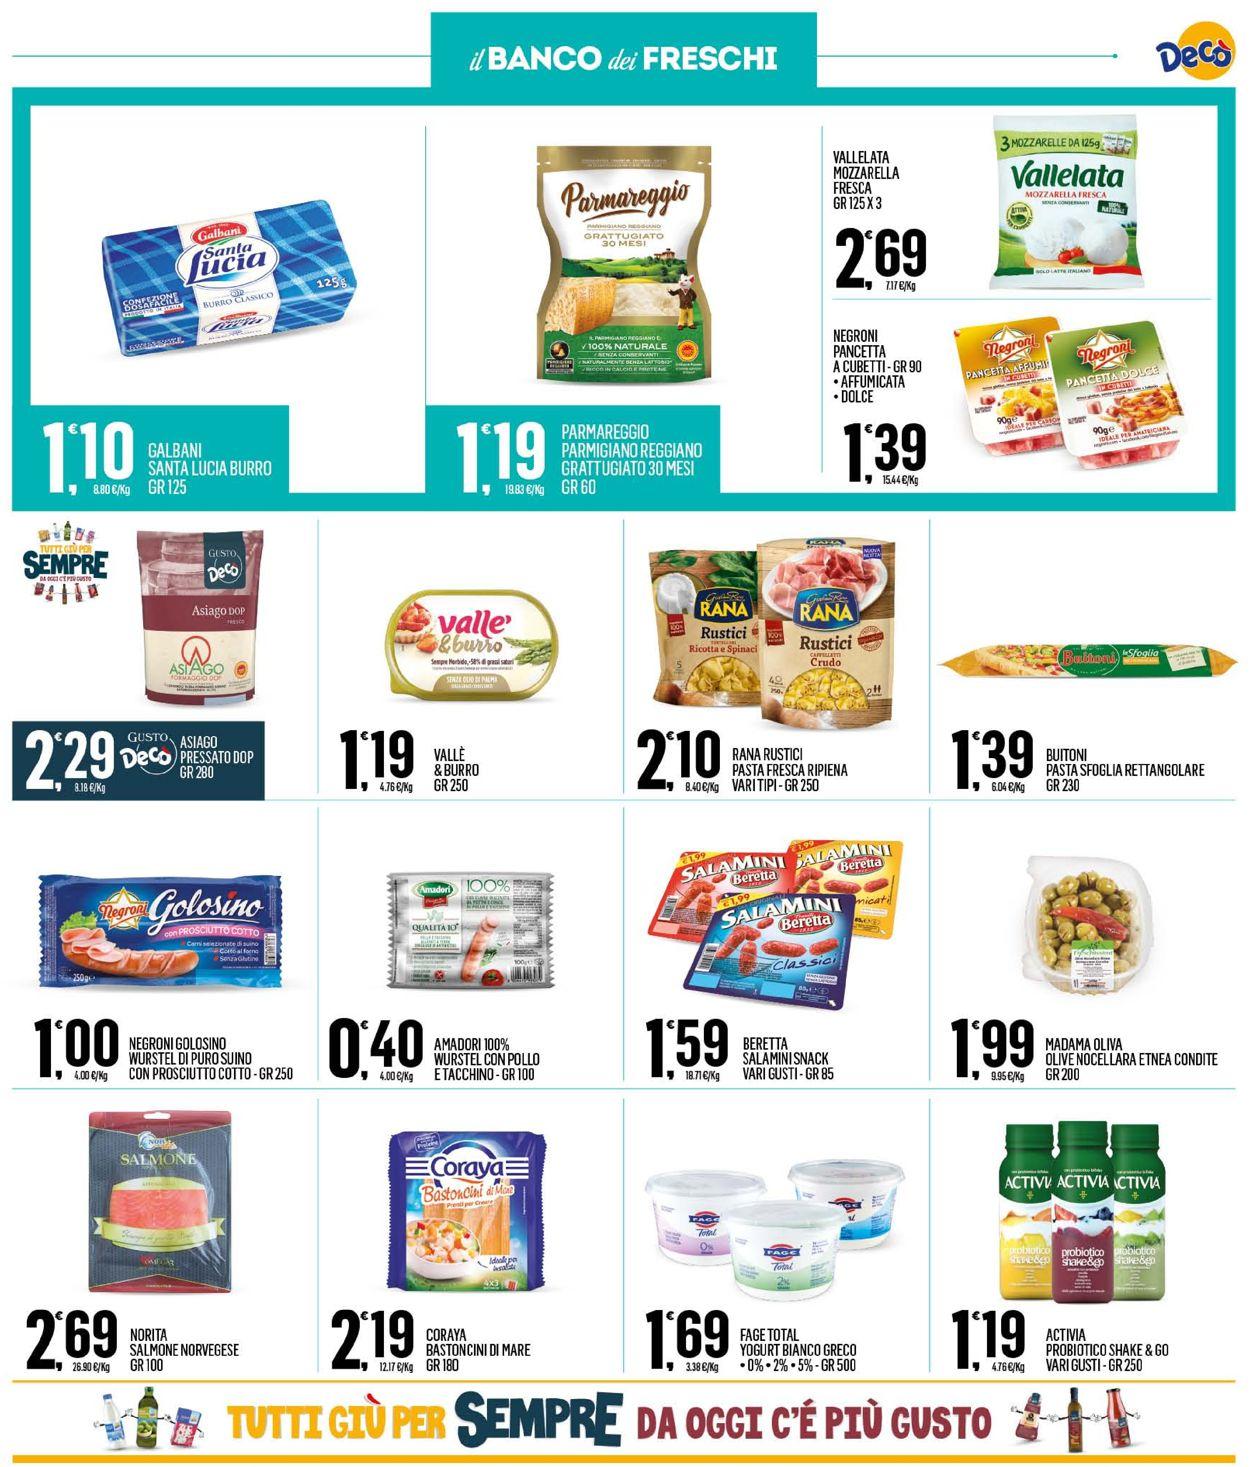 Volantino Deco - Offerte 28/02-09/03/2020 (Pagina 5)